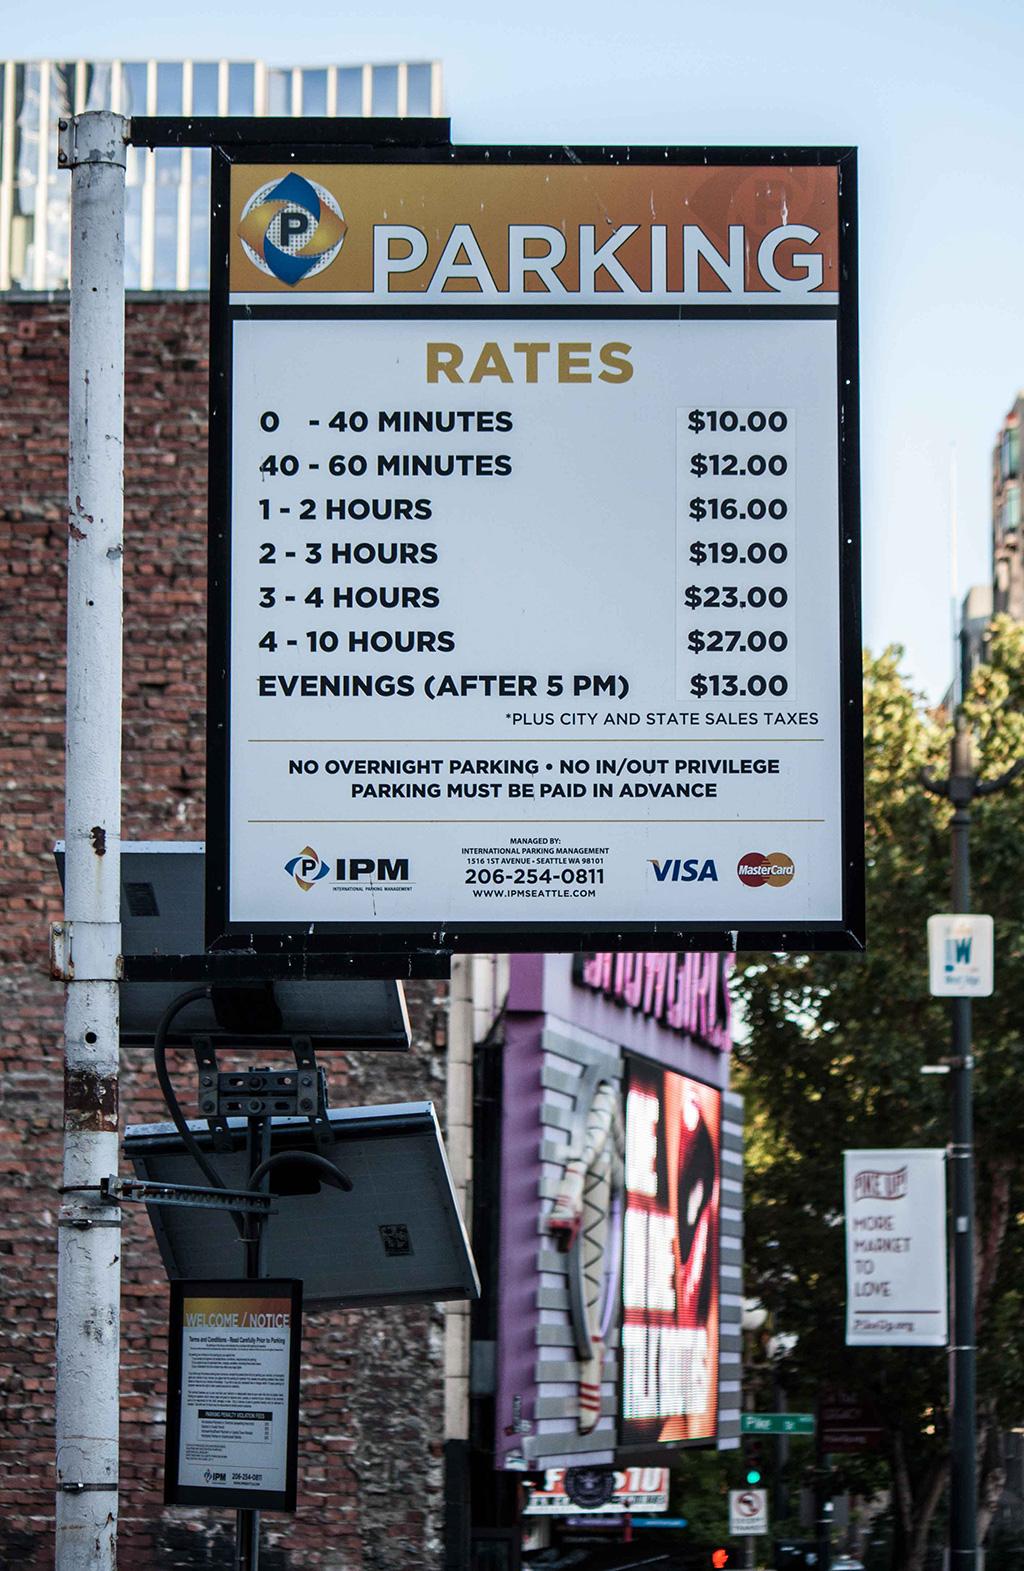 Lest euch die Parkgebühren durch....deswegen haben wir einen Strafzettel riskiert bei dem wir mit €49 auch nicht günstiger wegkamen